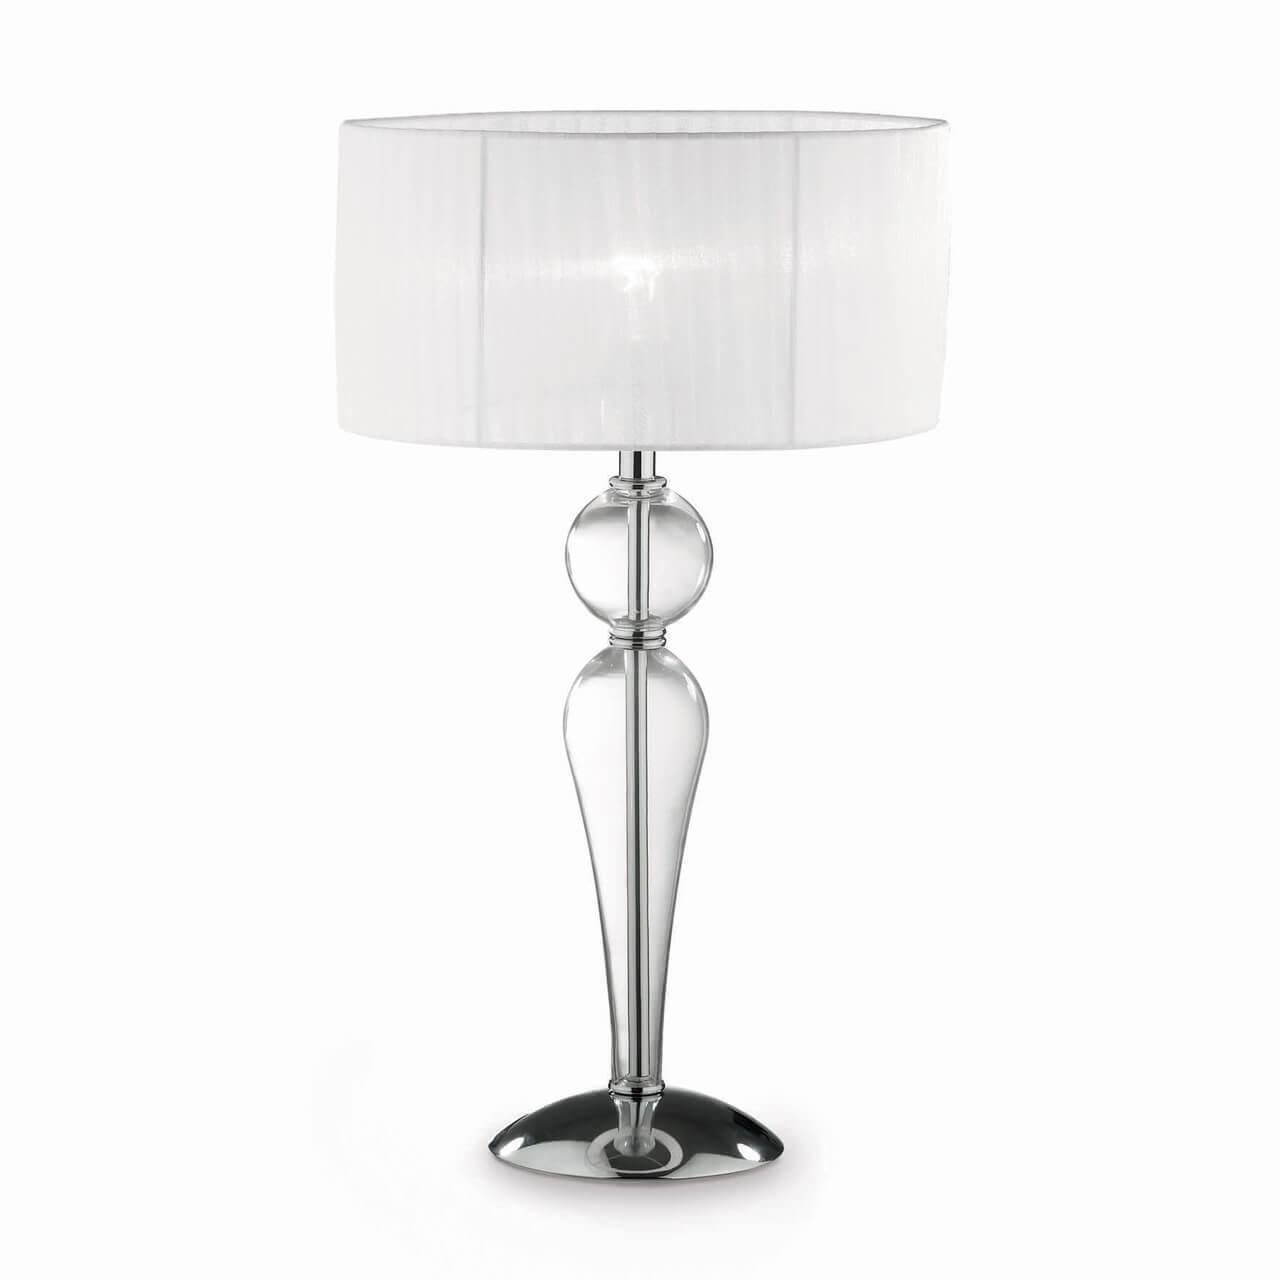 Настольная лампа Ideal Lux Duchessa TL1 BIG недорого